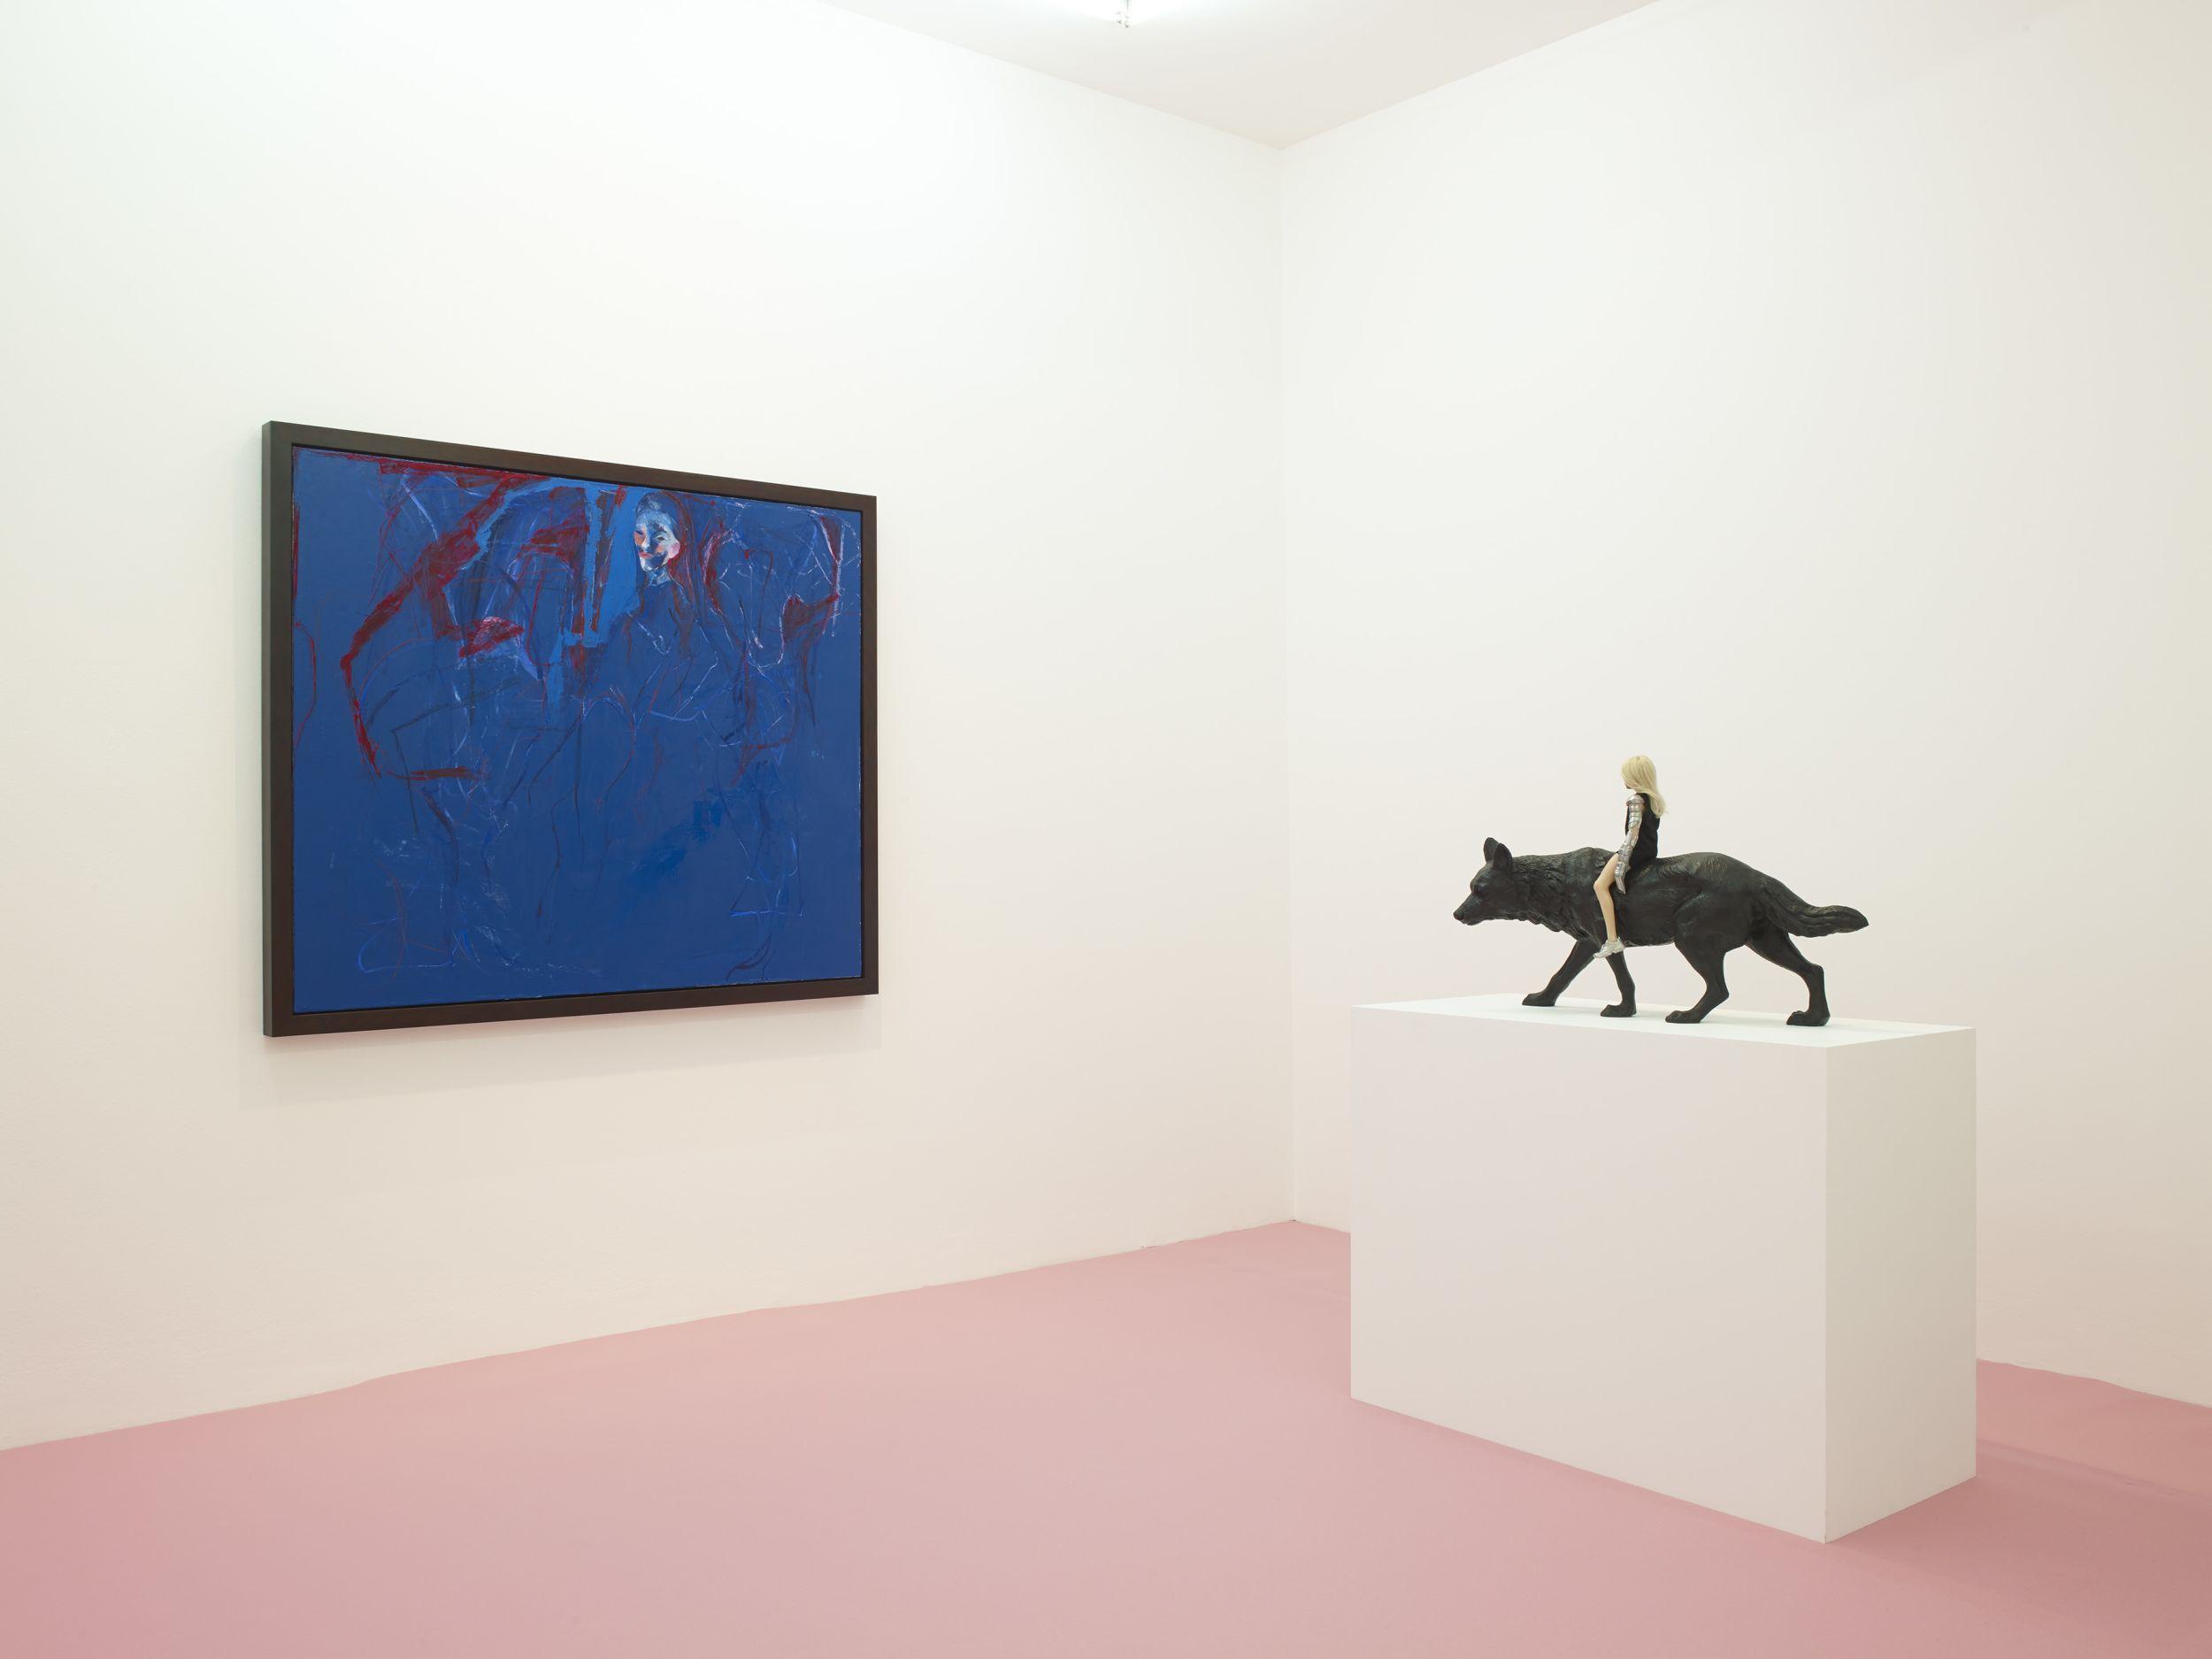 Andro Wekua – Some Pheasants in Singularity – London